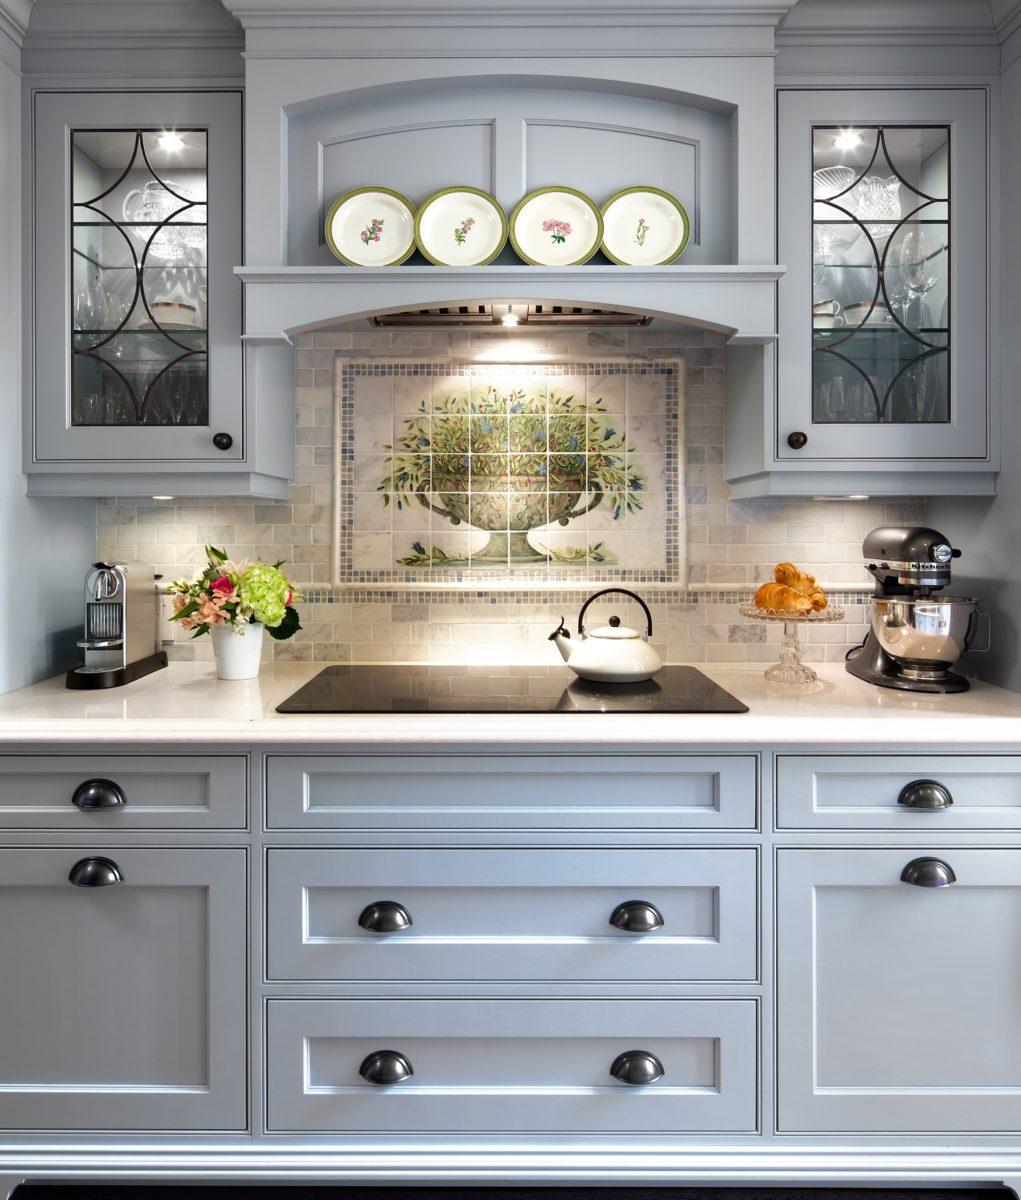 Blue kitchen cooktop vignette